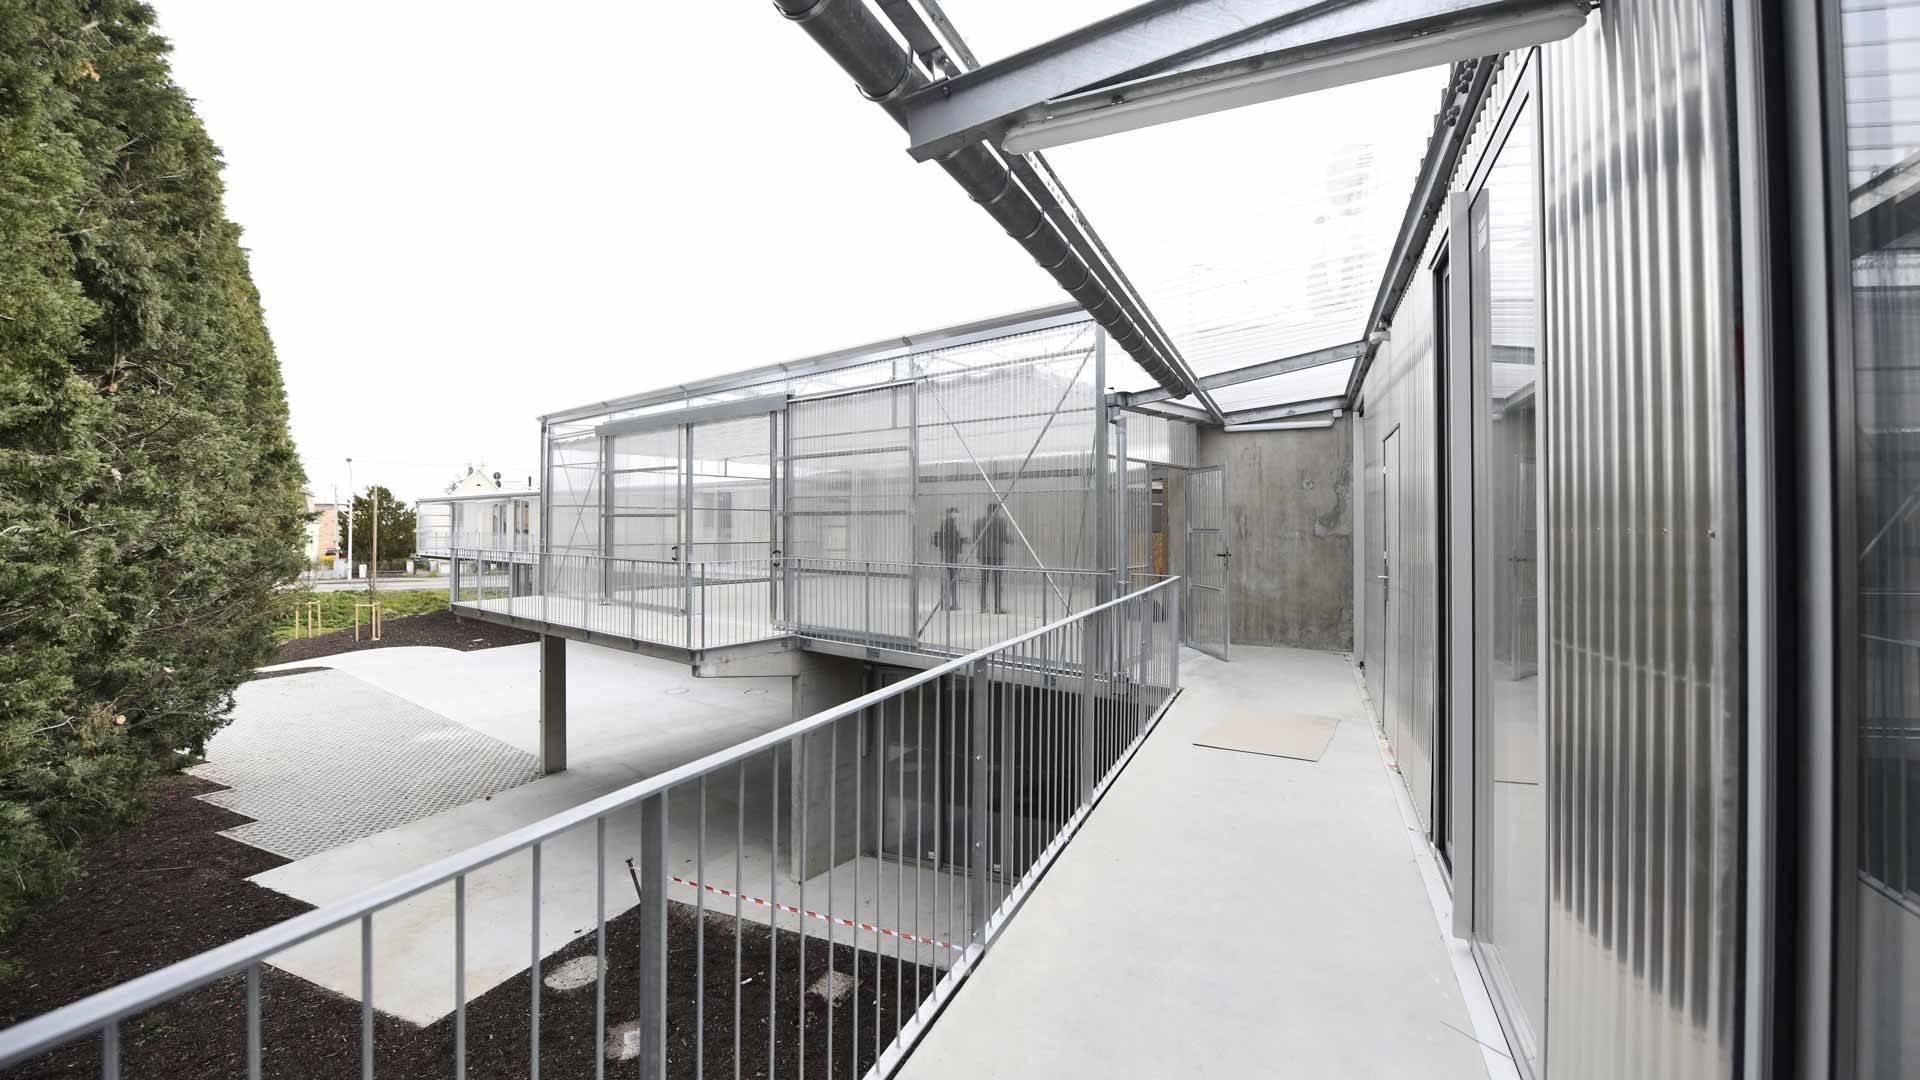 Rixheim : une résidence seniors qui se fait remarquer | Mulhouse Alsace Agglomération – m2A